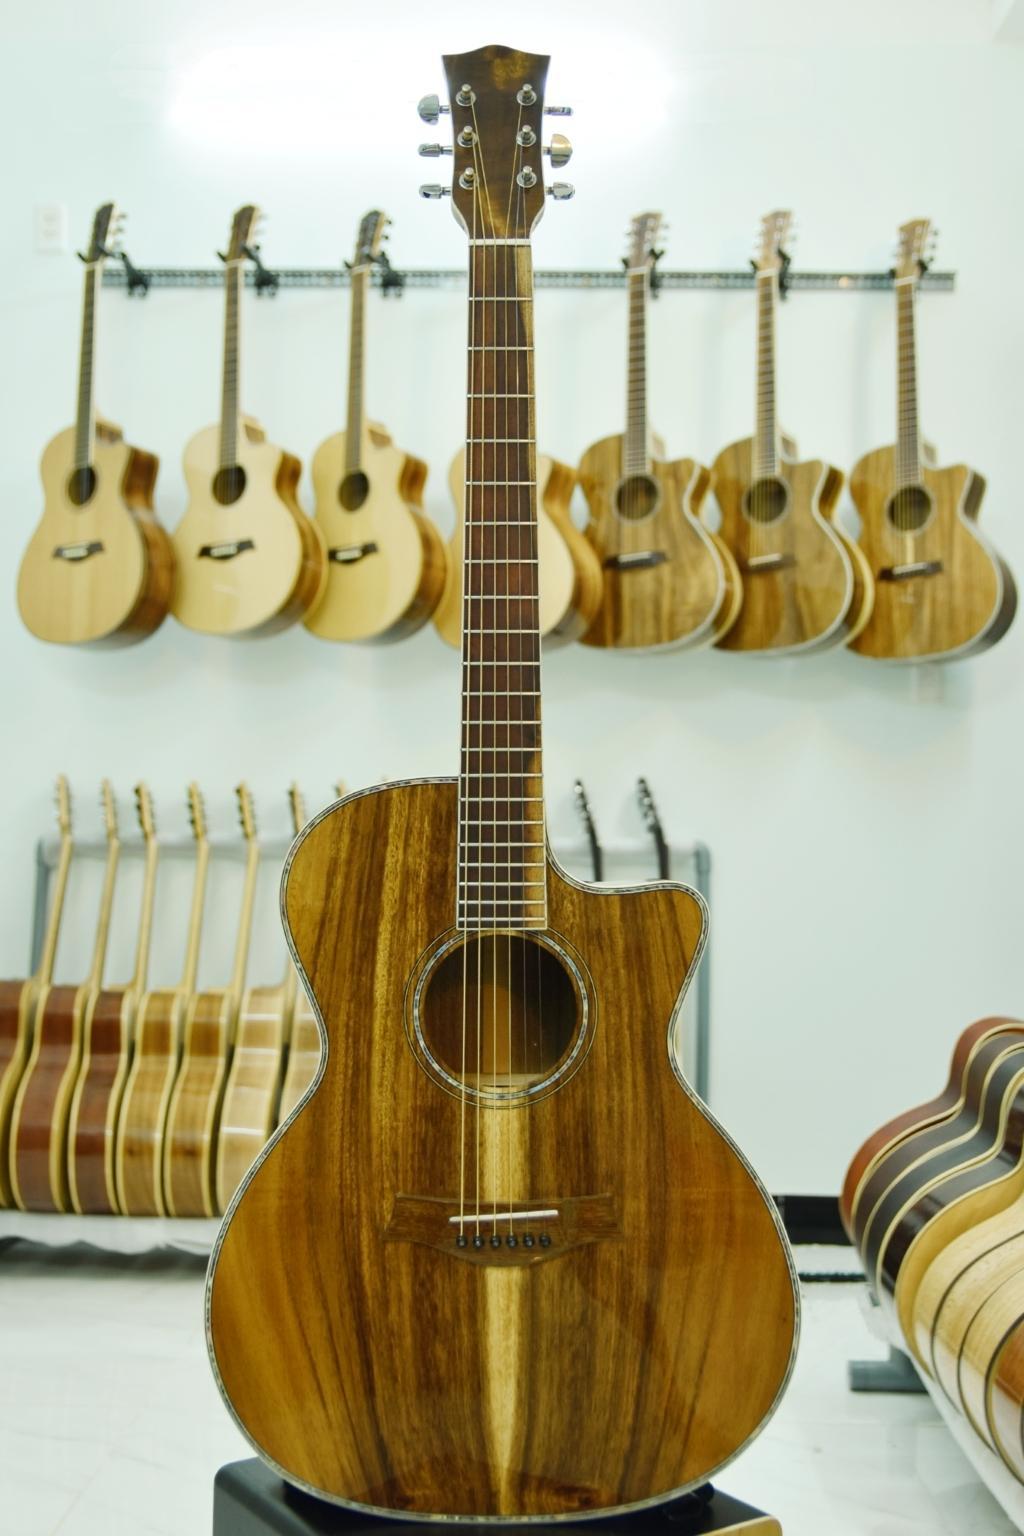 Đàn Guitar Acoustic   Guitar Việt   Full gỗ điệp   DT - A25c4   Tặng kèm phụ kiện